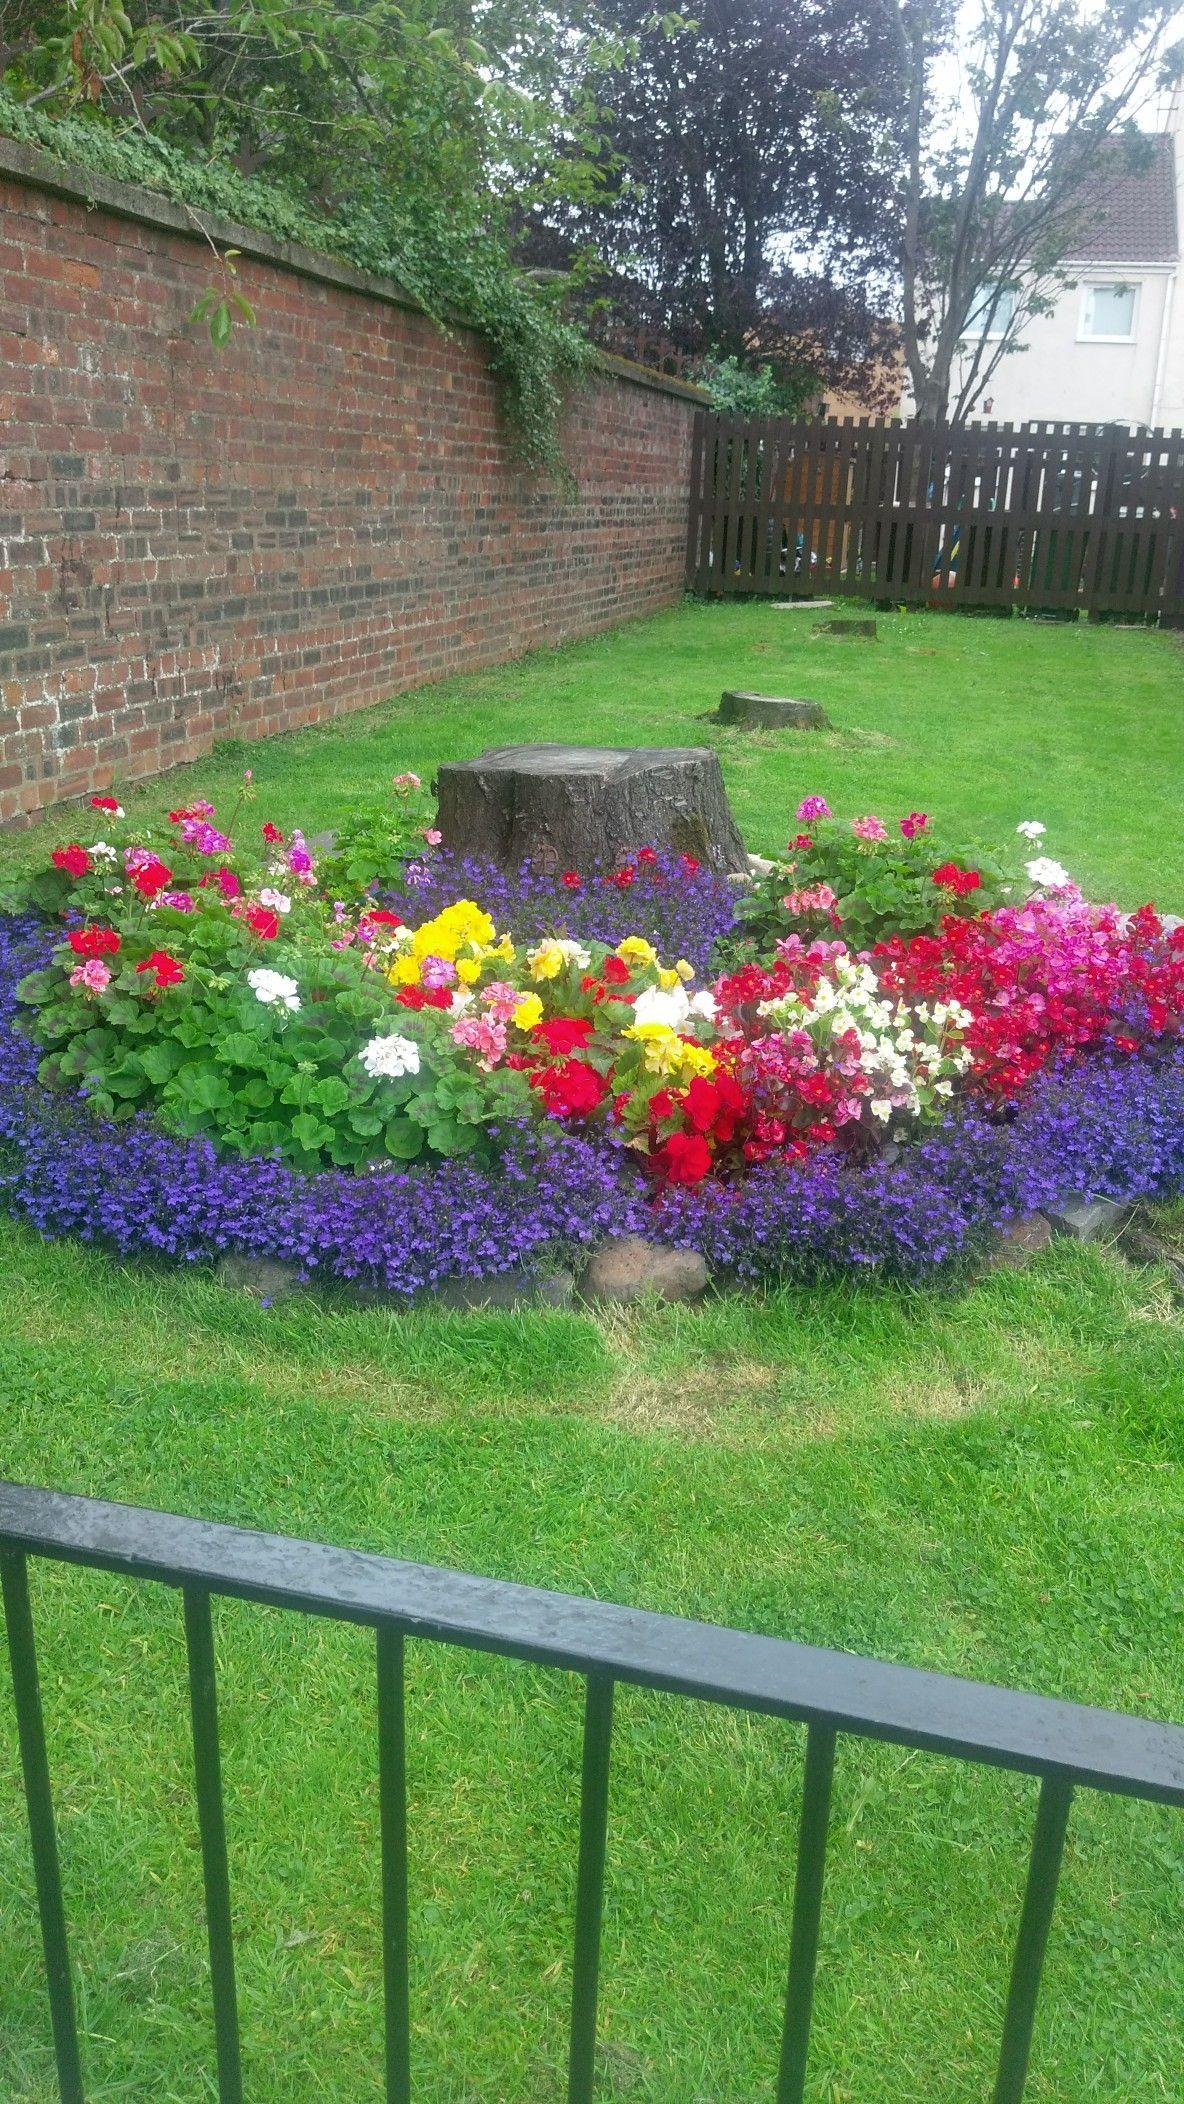 Full bloom fairy garden